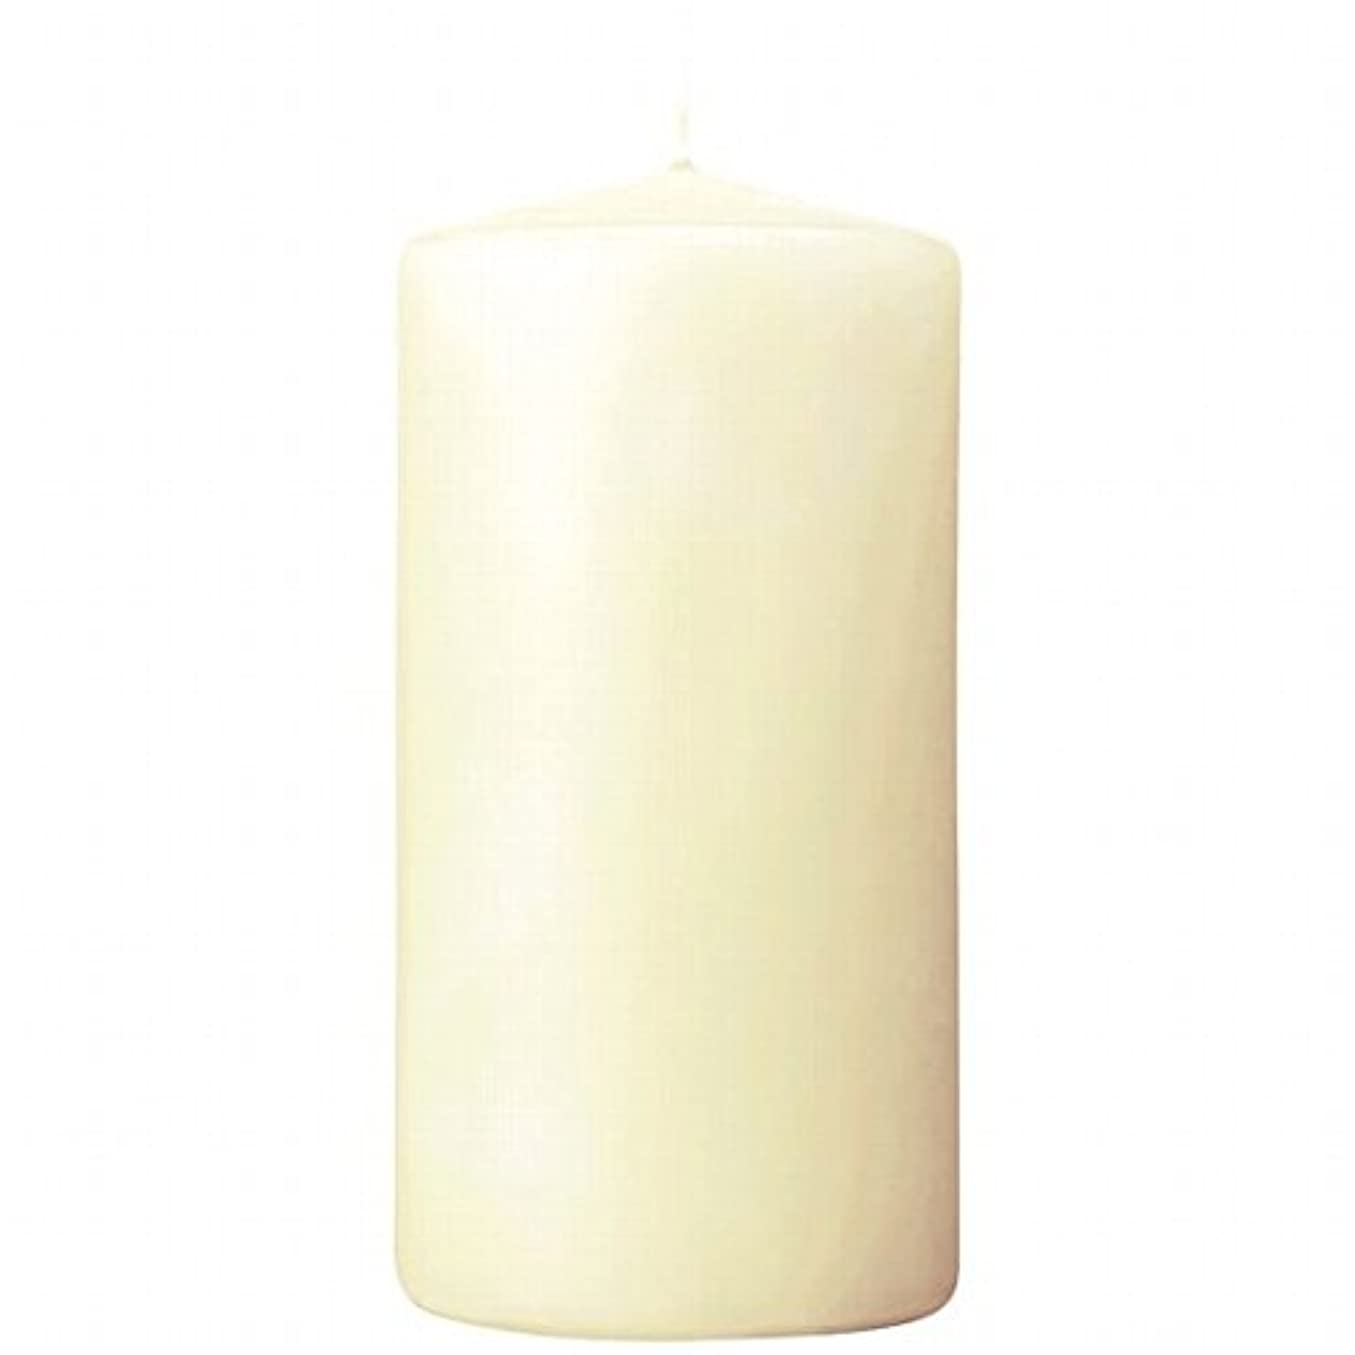 神驚きセントカメヤマキャンドル(kameyama candle) 3×6ベルトップピラーキャンドル 「 アイボリー 」